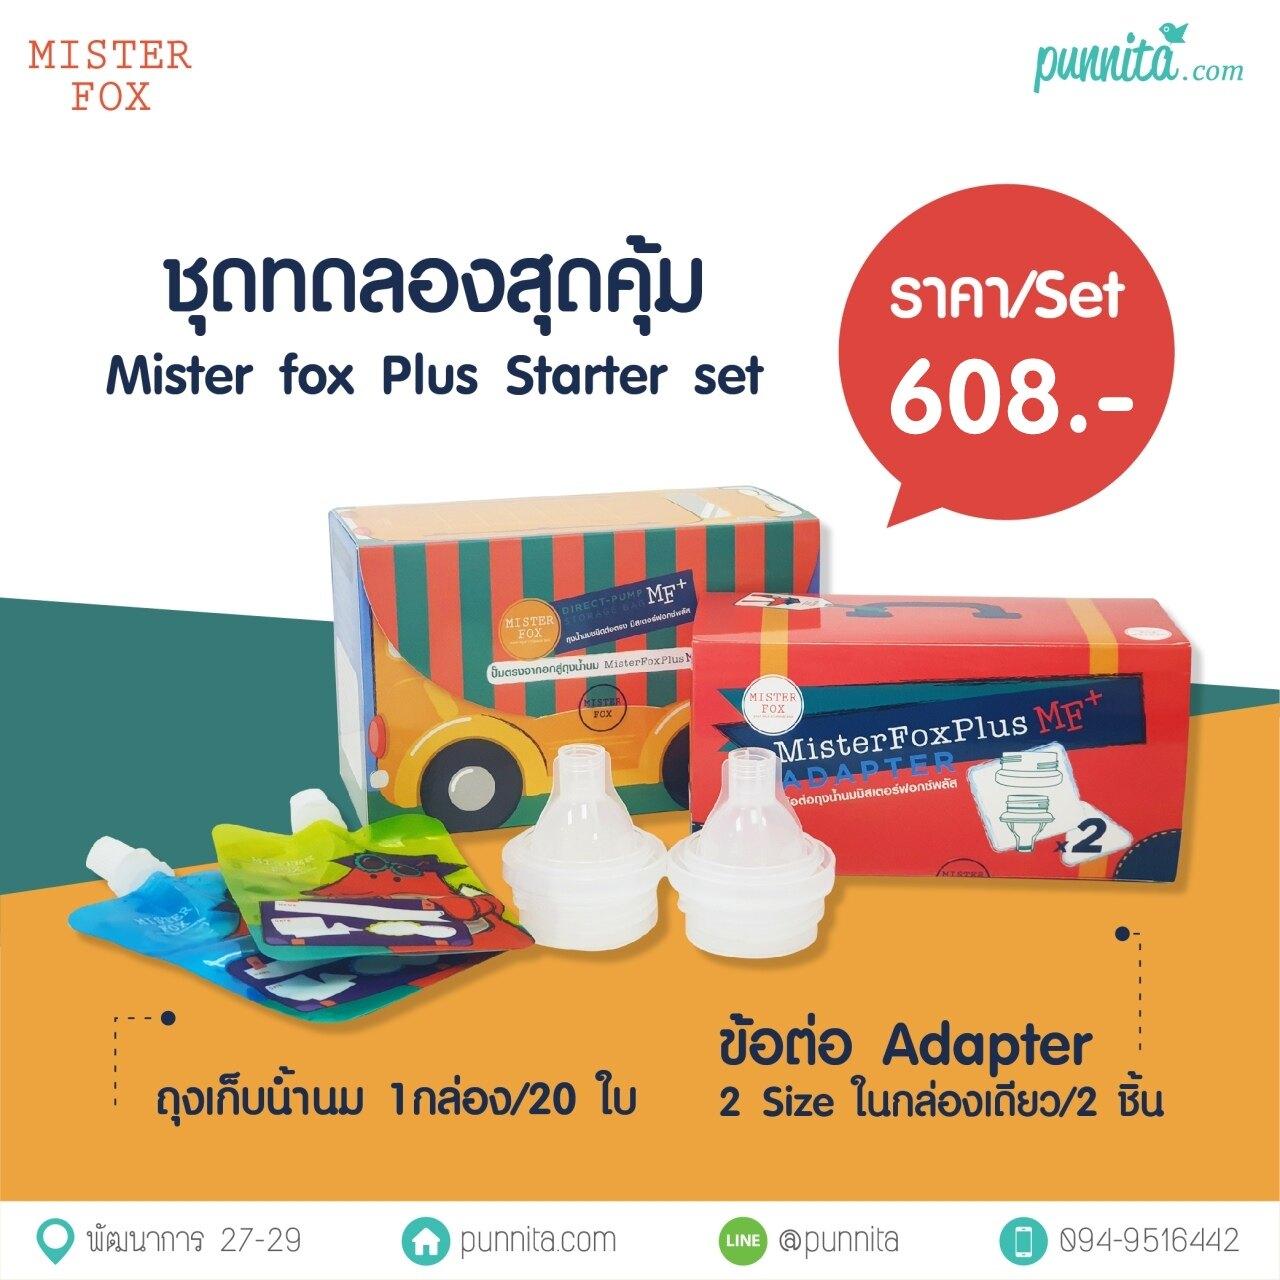 รีวิว Mister fox Plus Starter set ชุดทดลองสุดคุ้ม ถุงเก็บน้ำนม 1กล่อง + ข้อต่อ Adapter 2 Size [Punnita Authorized Dealer]